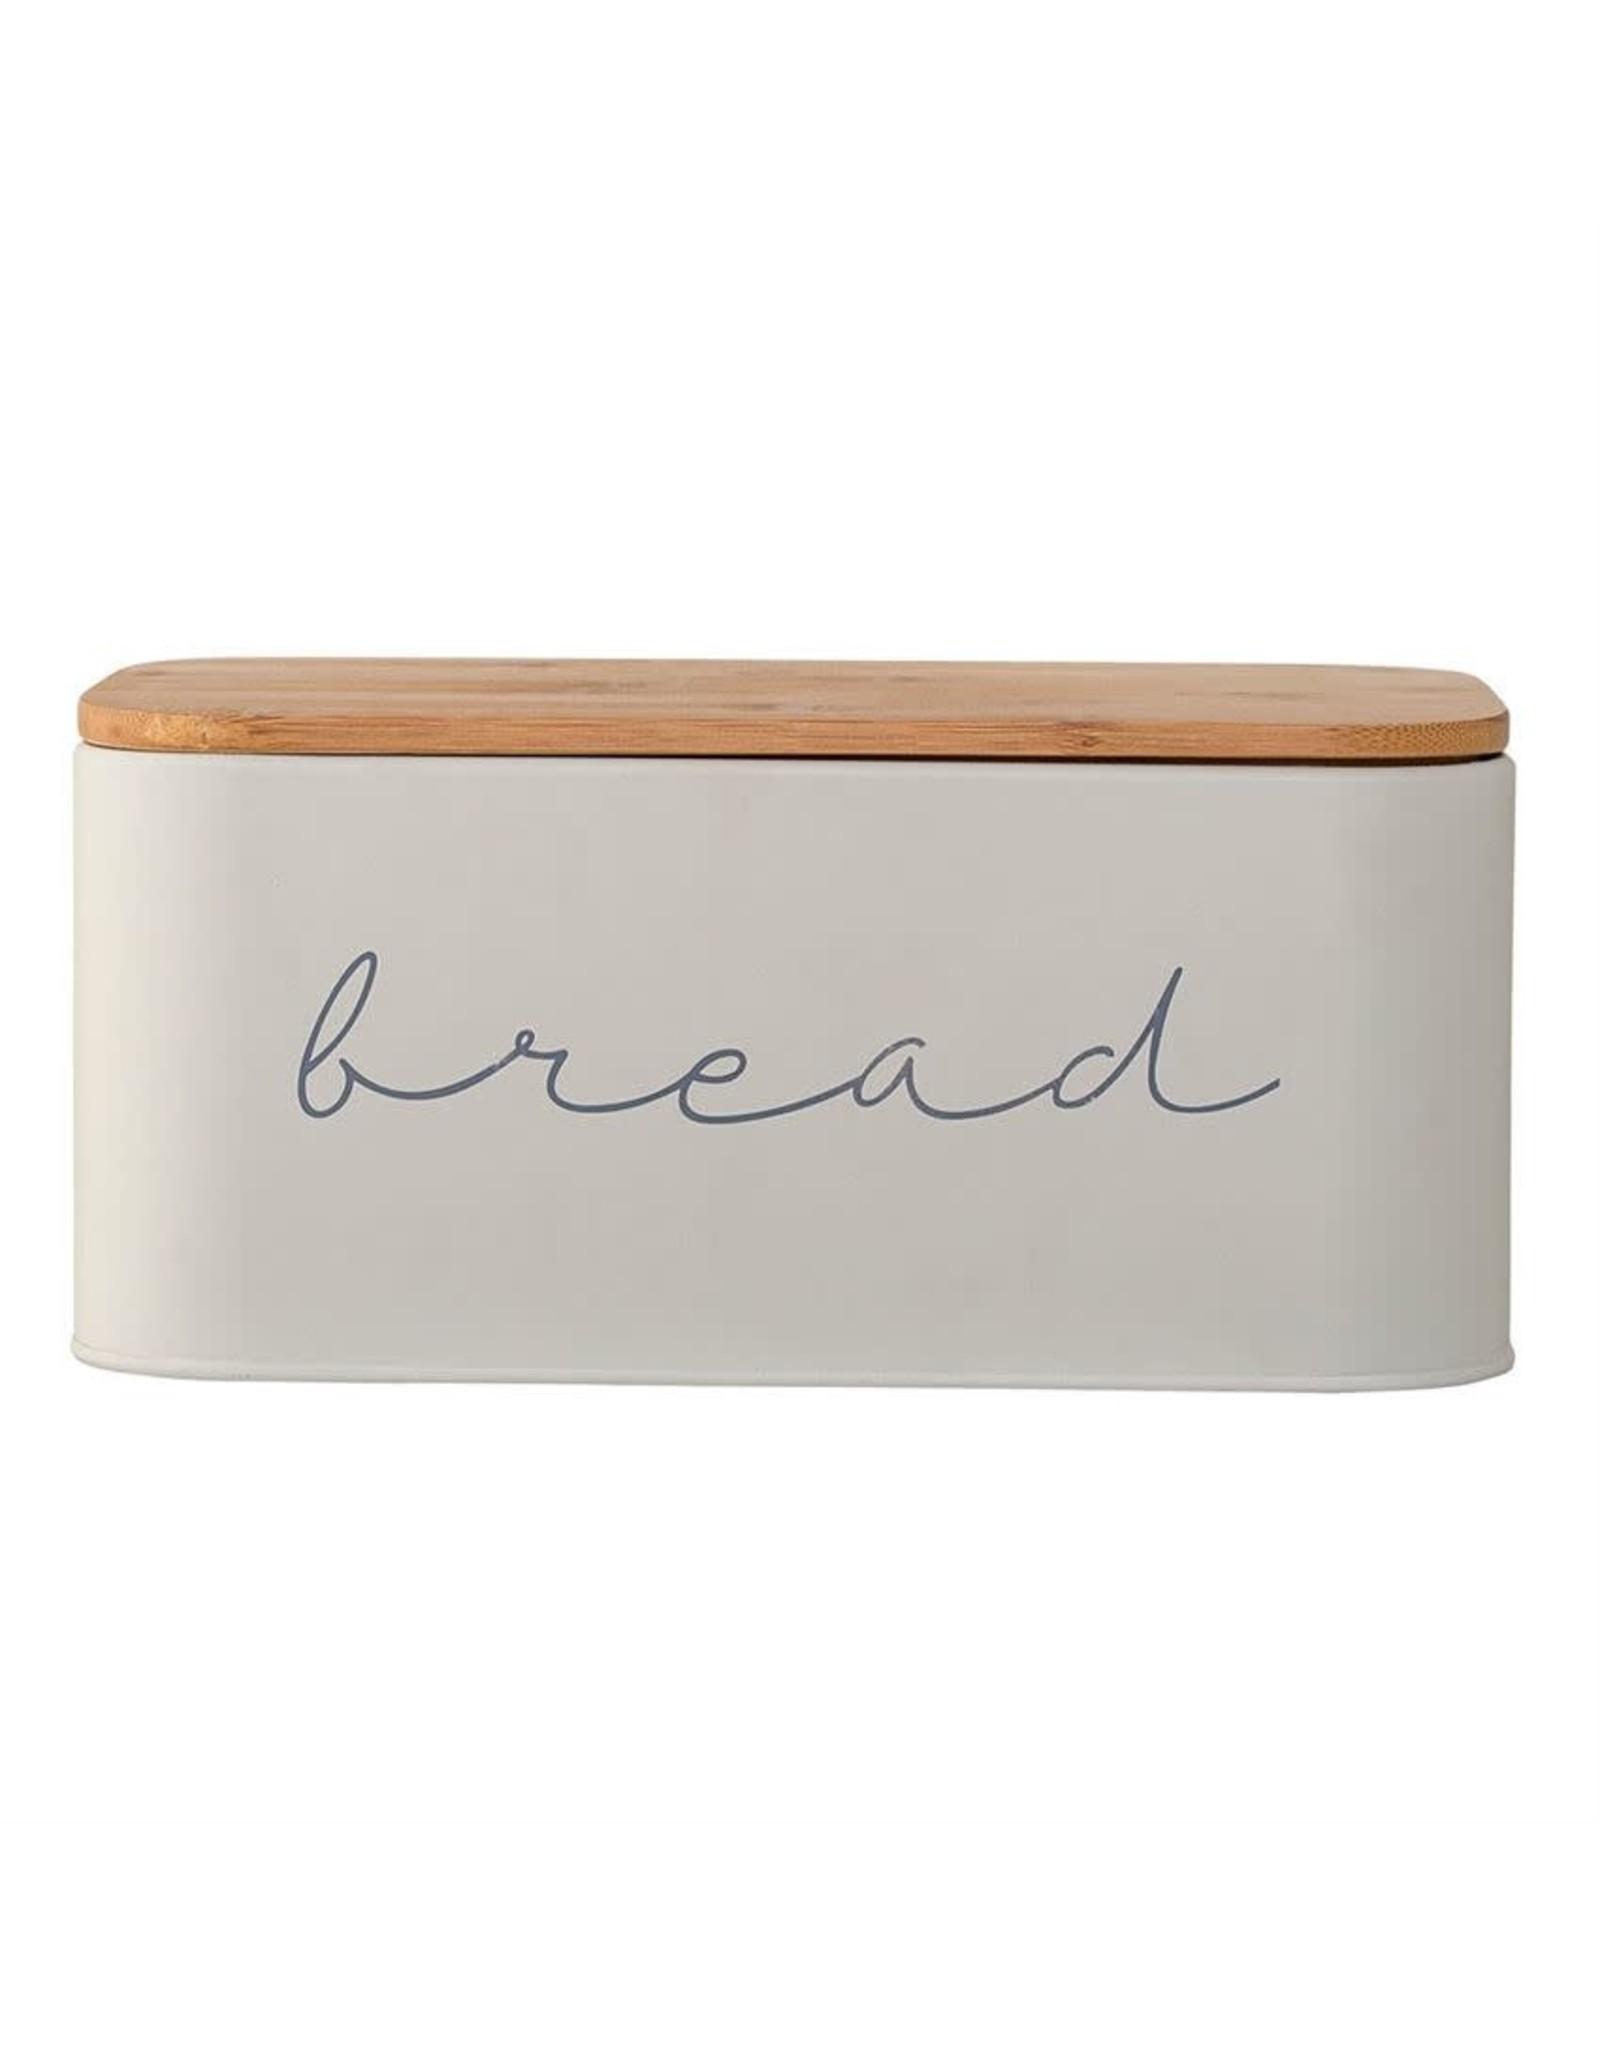 Website Metal Bread Bin w/ Bamboo Lid in Grey